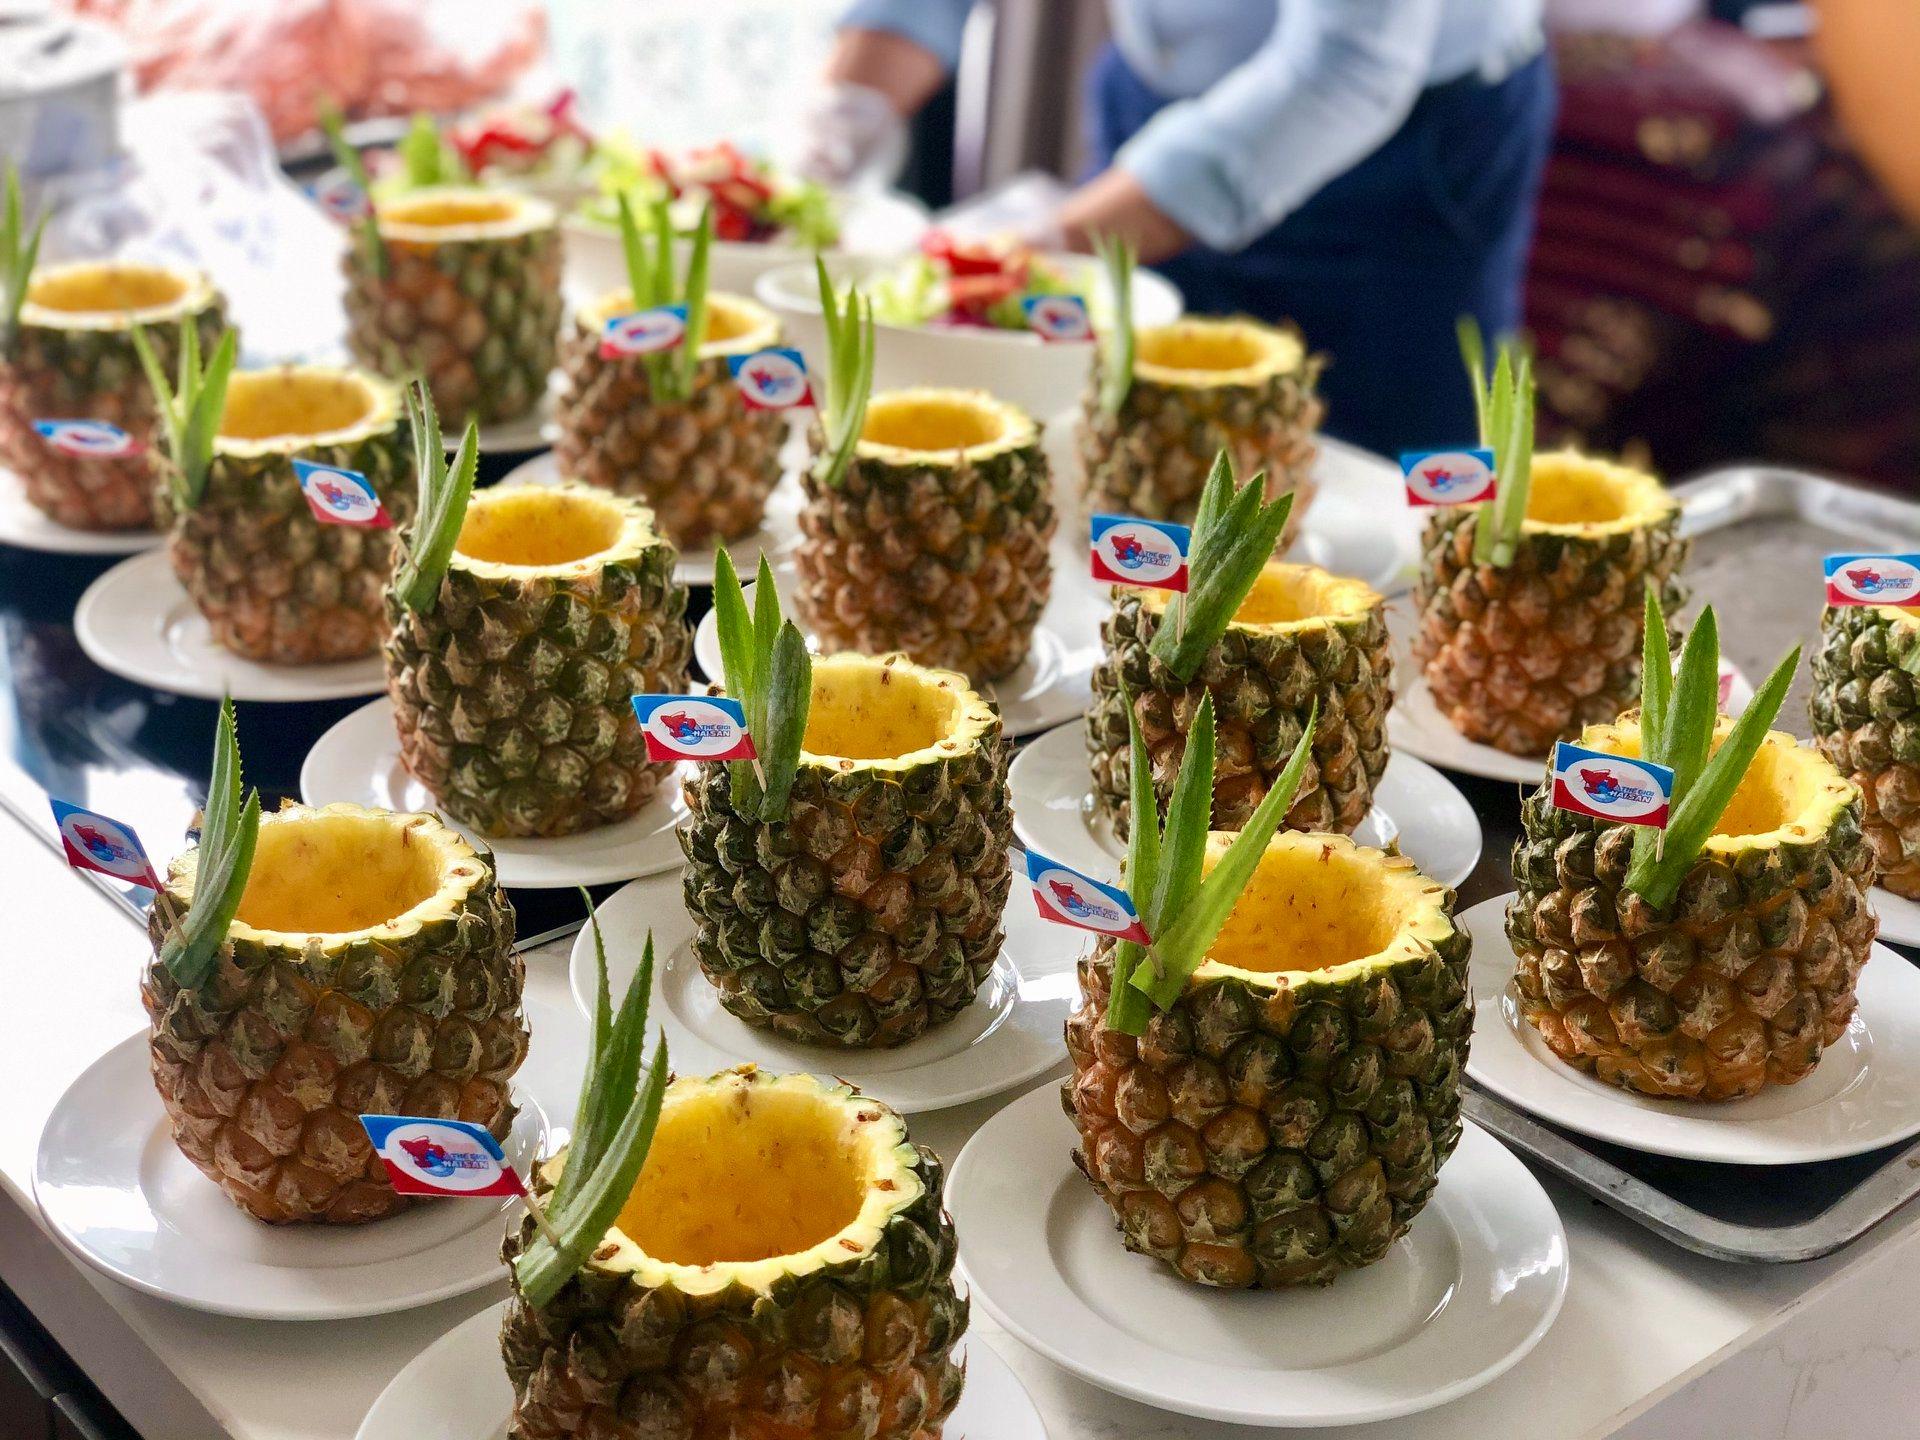 Tiệc tại gia được phục vụ theo chuẩn nhà hàng